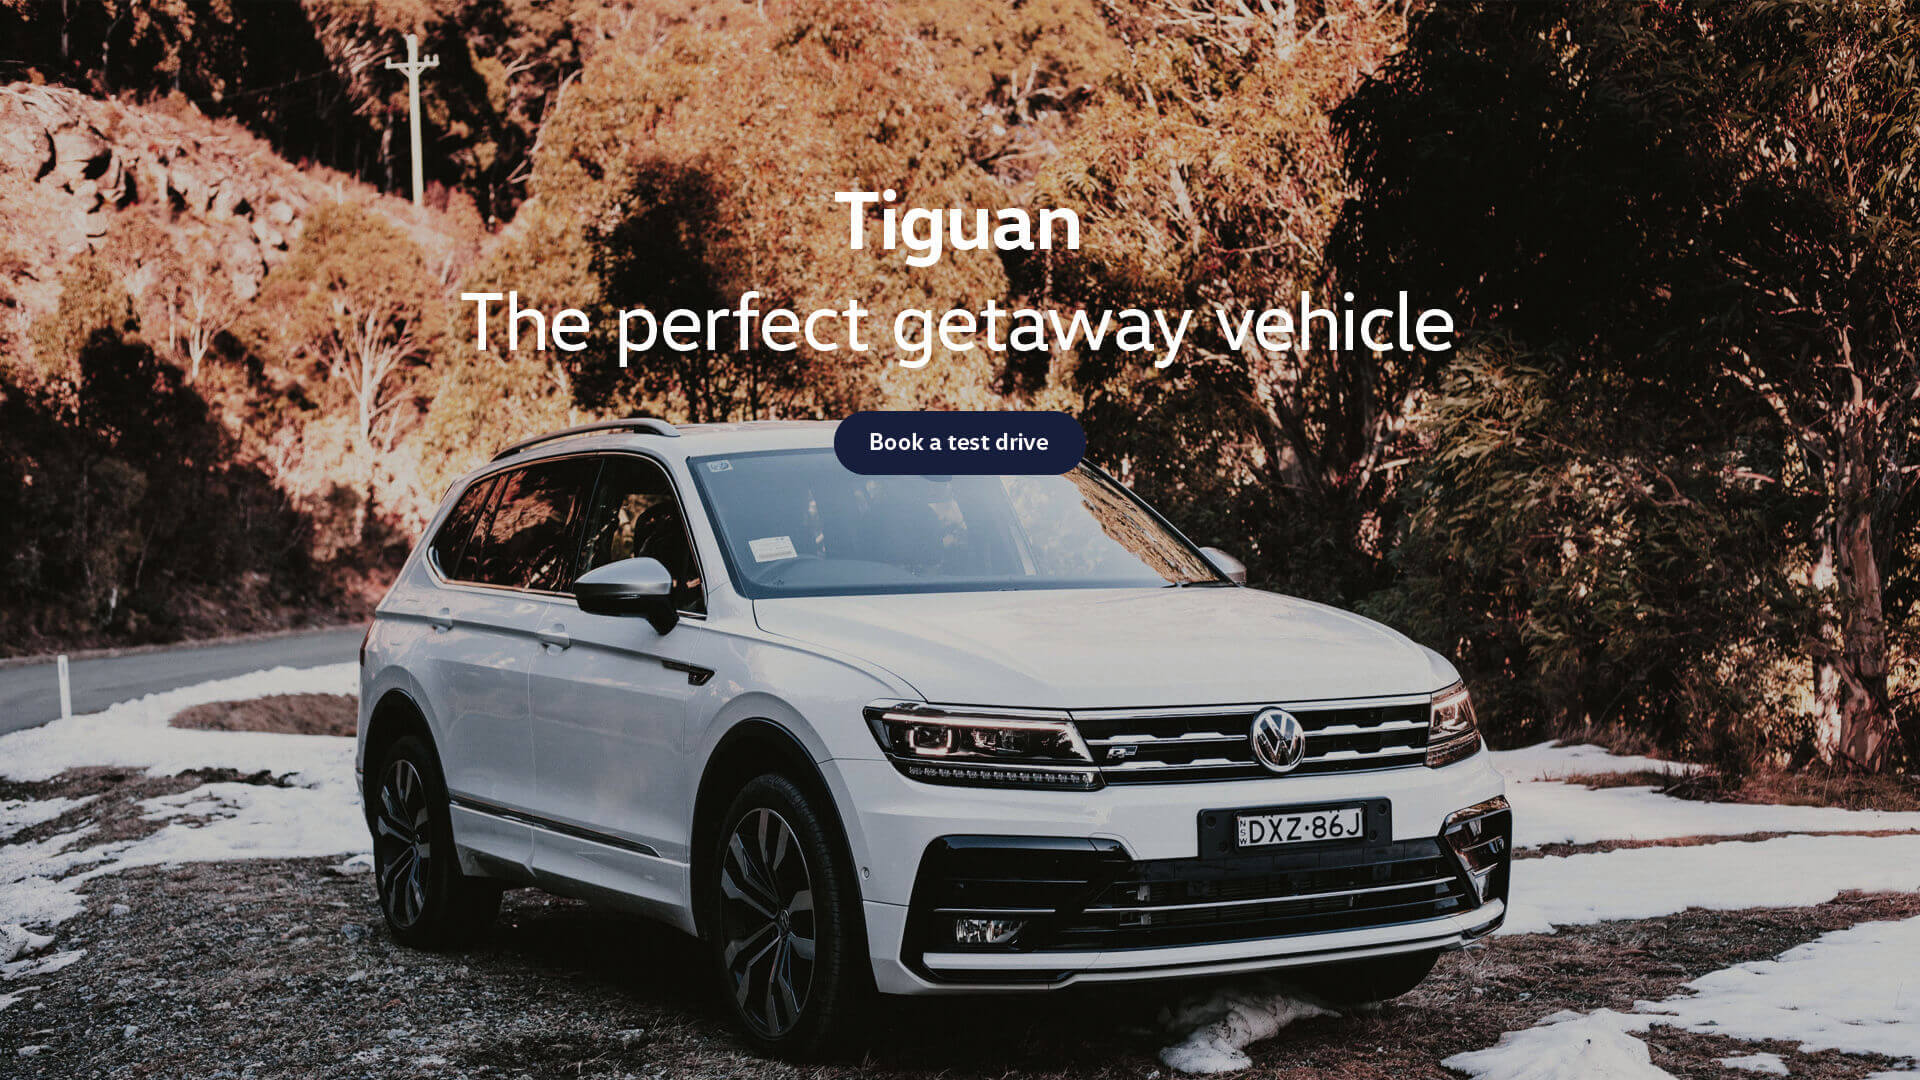 Volkswagen Tiguan. The perfect getaway vehicle. Test drive today at Norris Motor Group Volkswagen, Brisbane